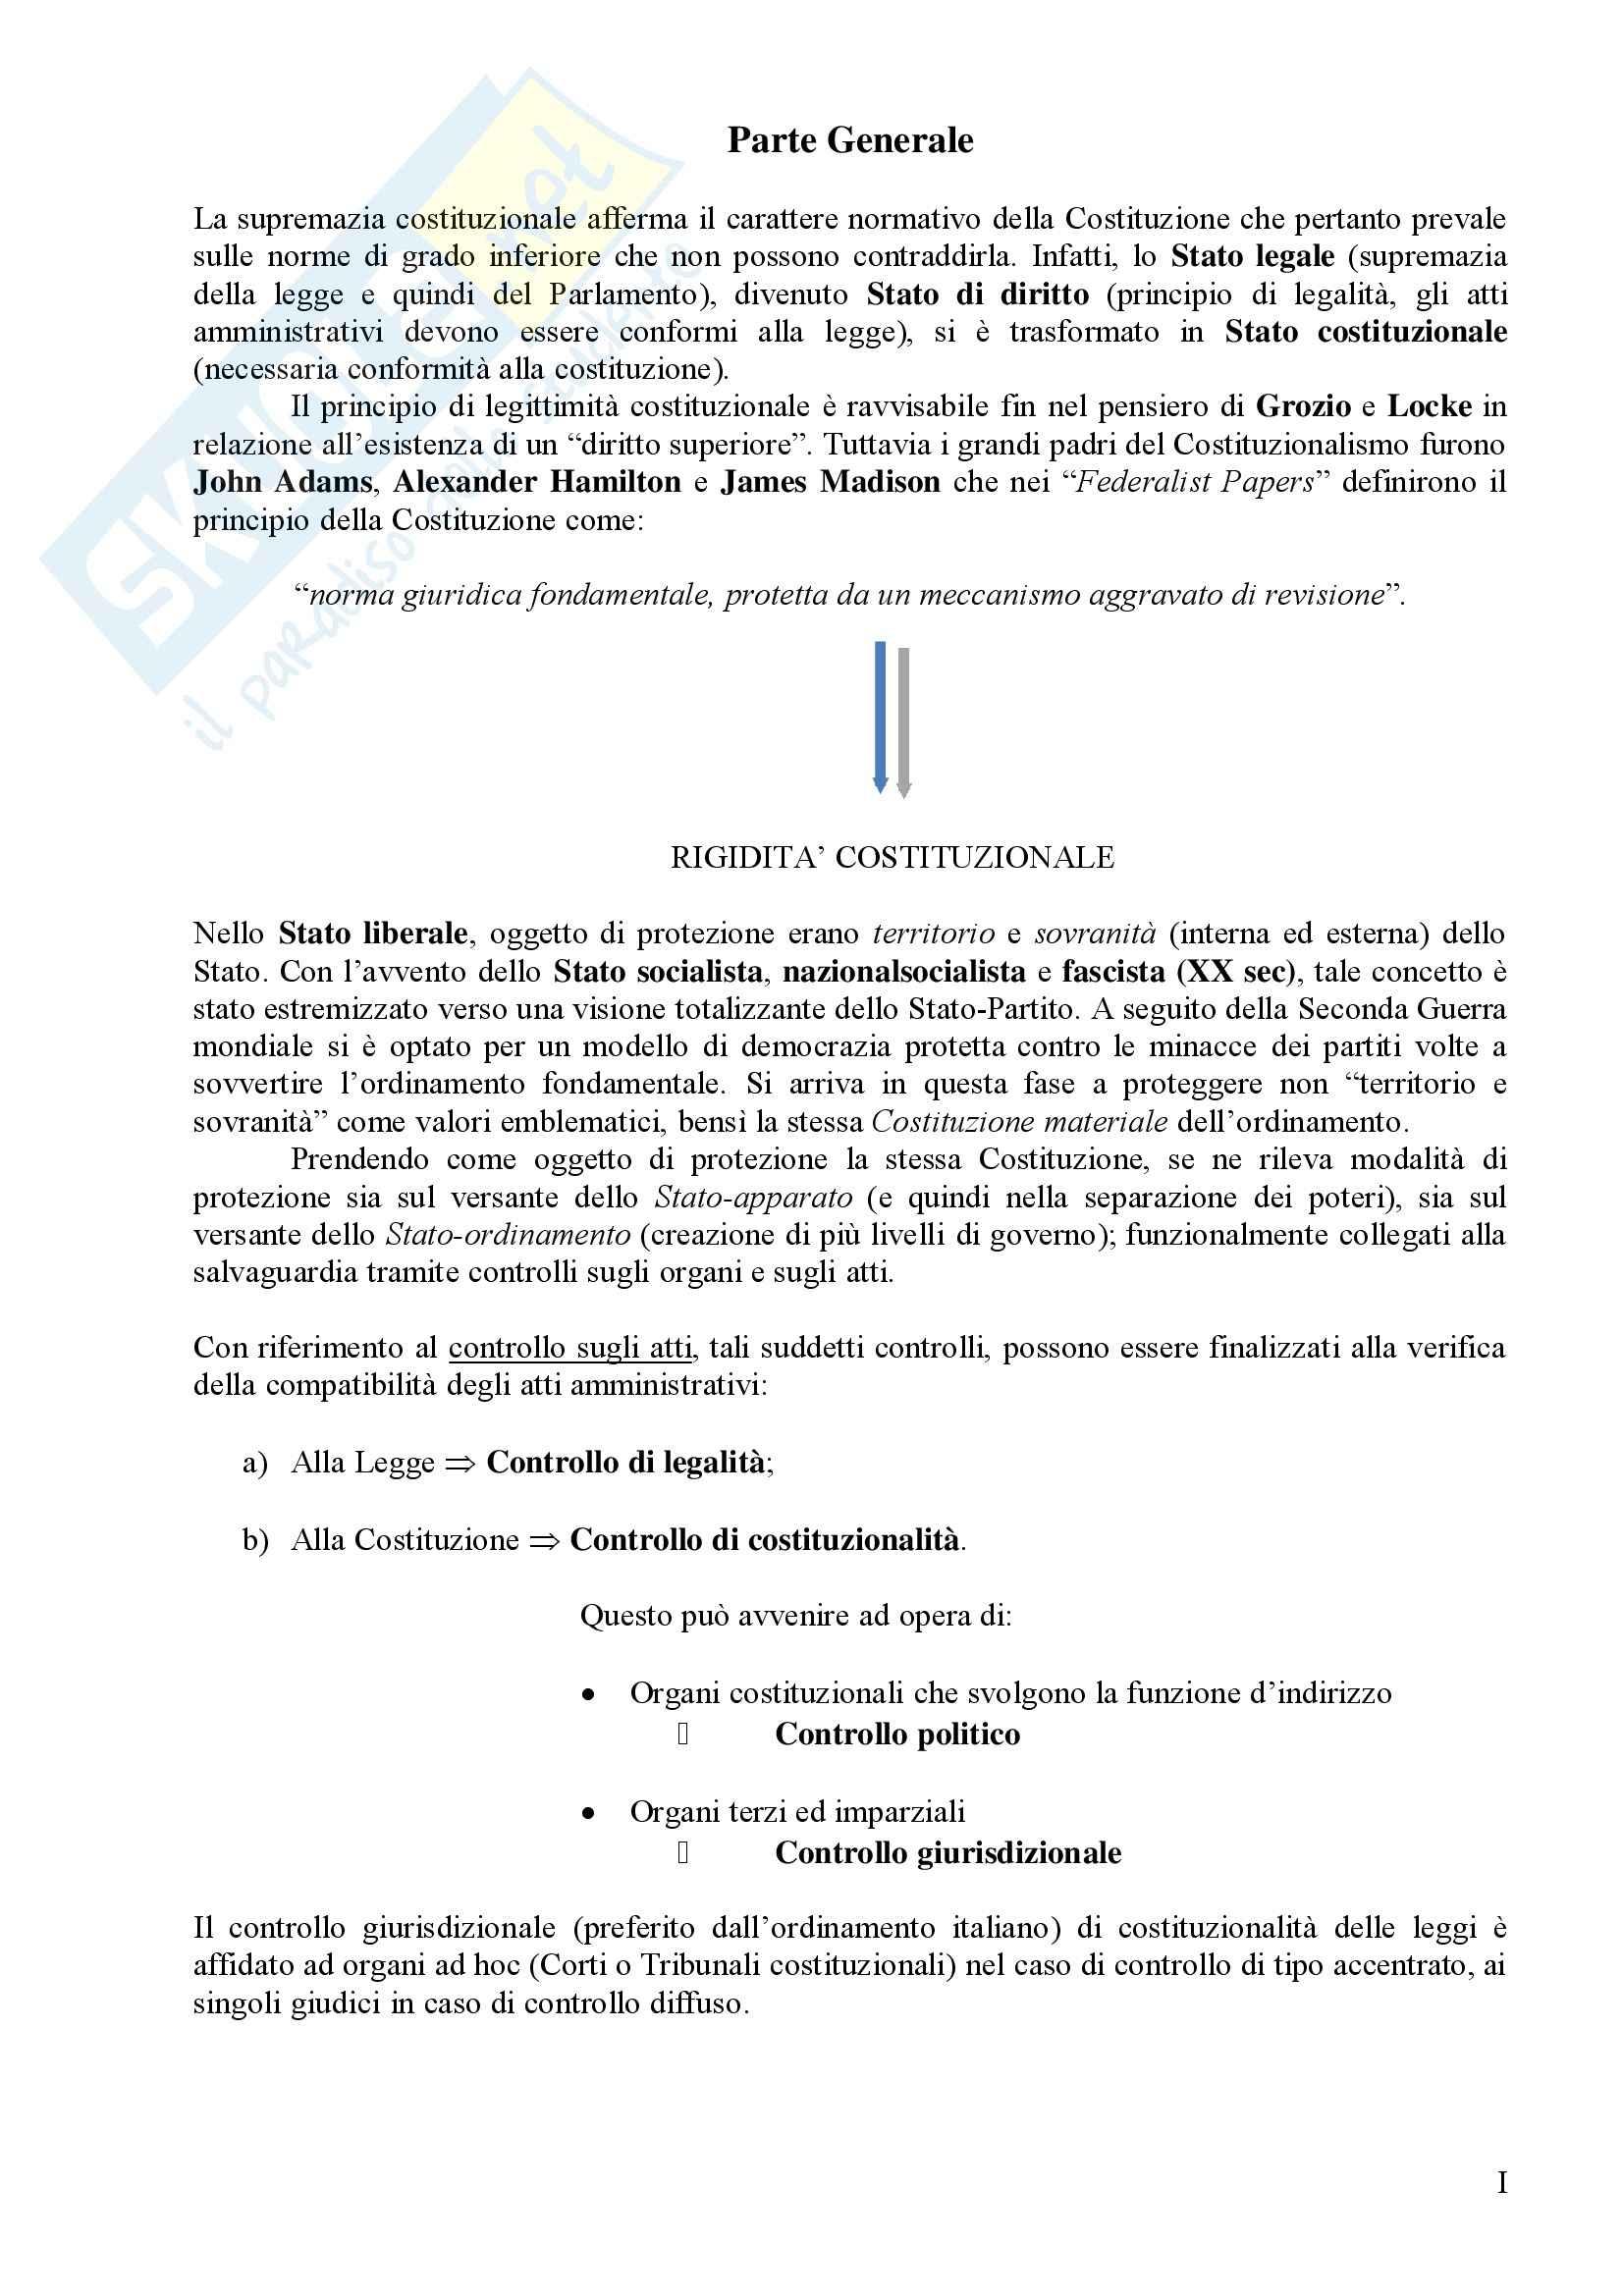 Diritto costituzionale - parte generale